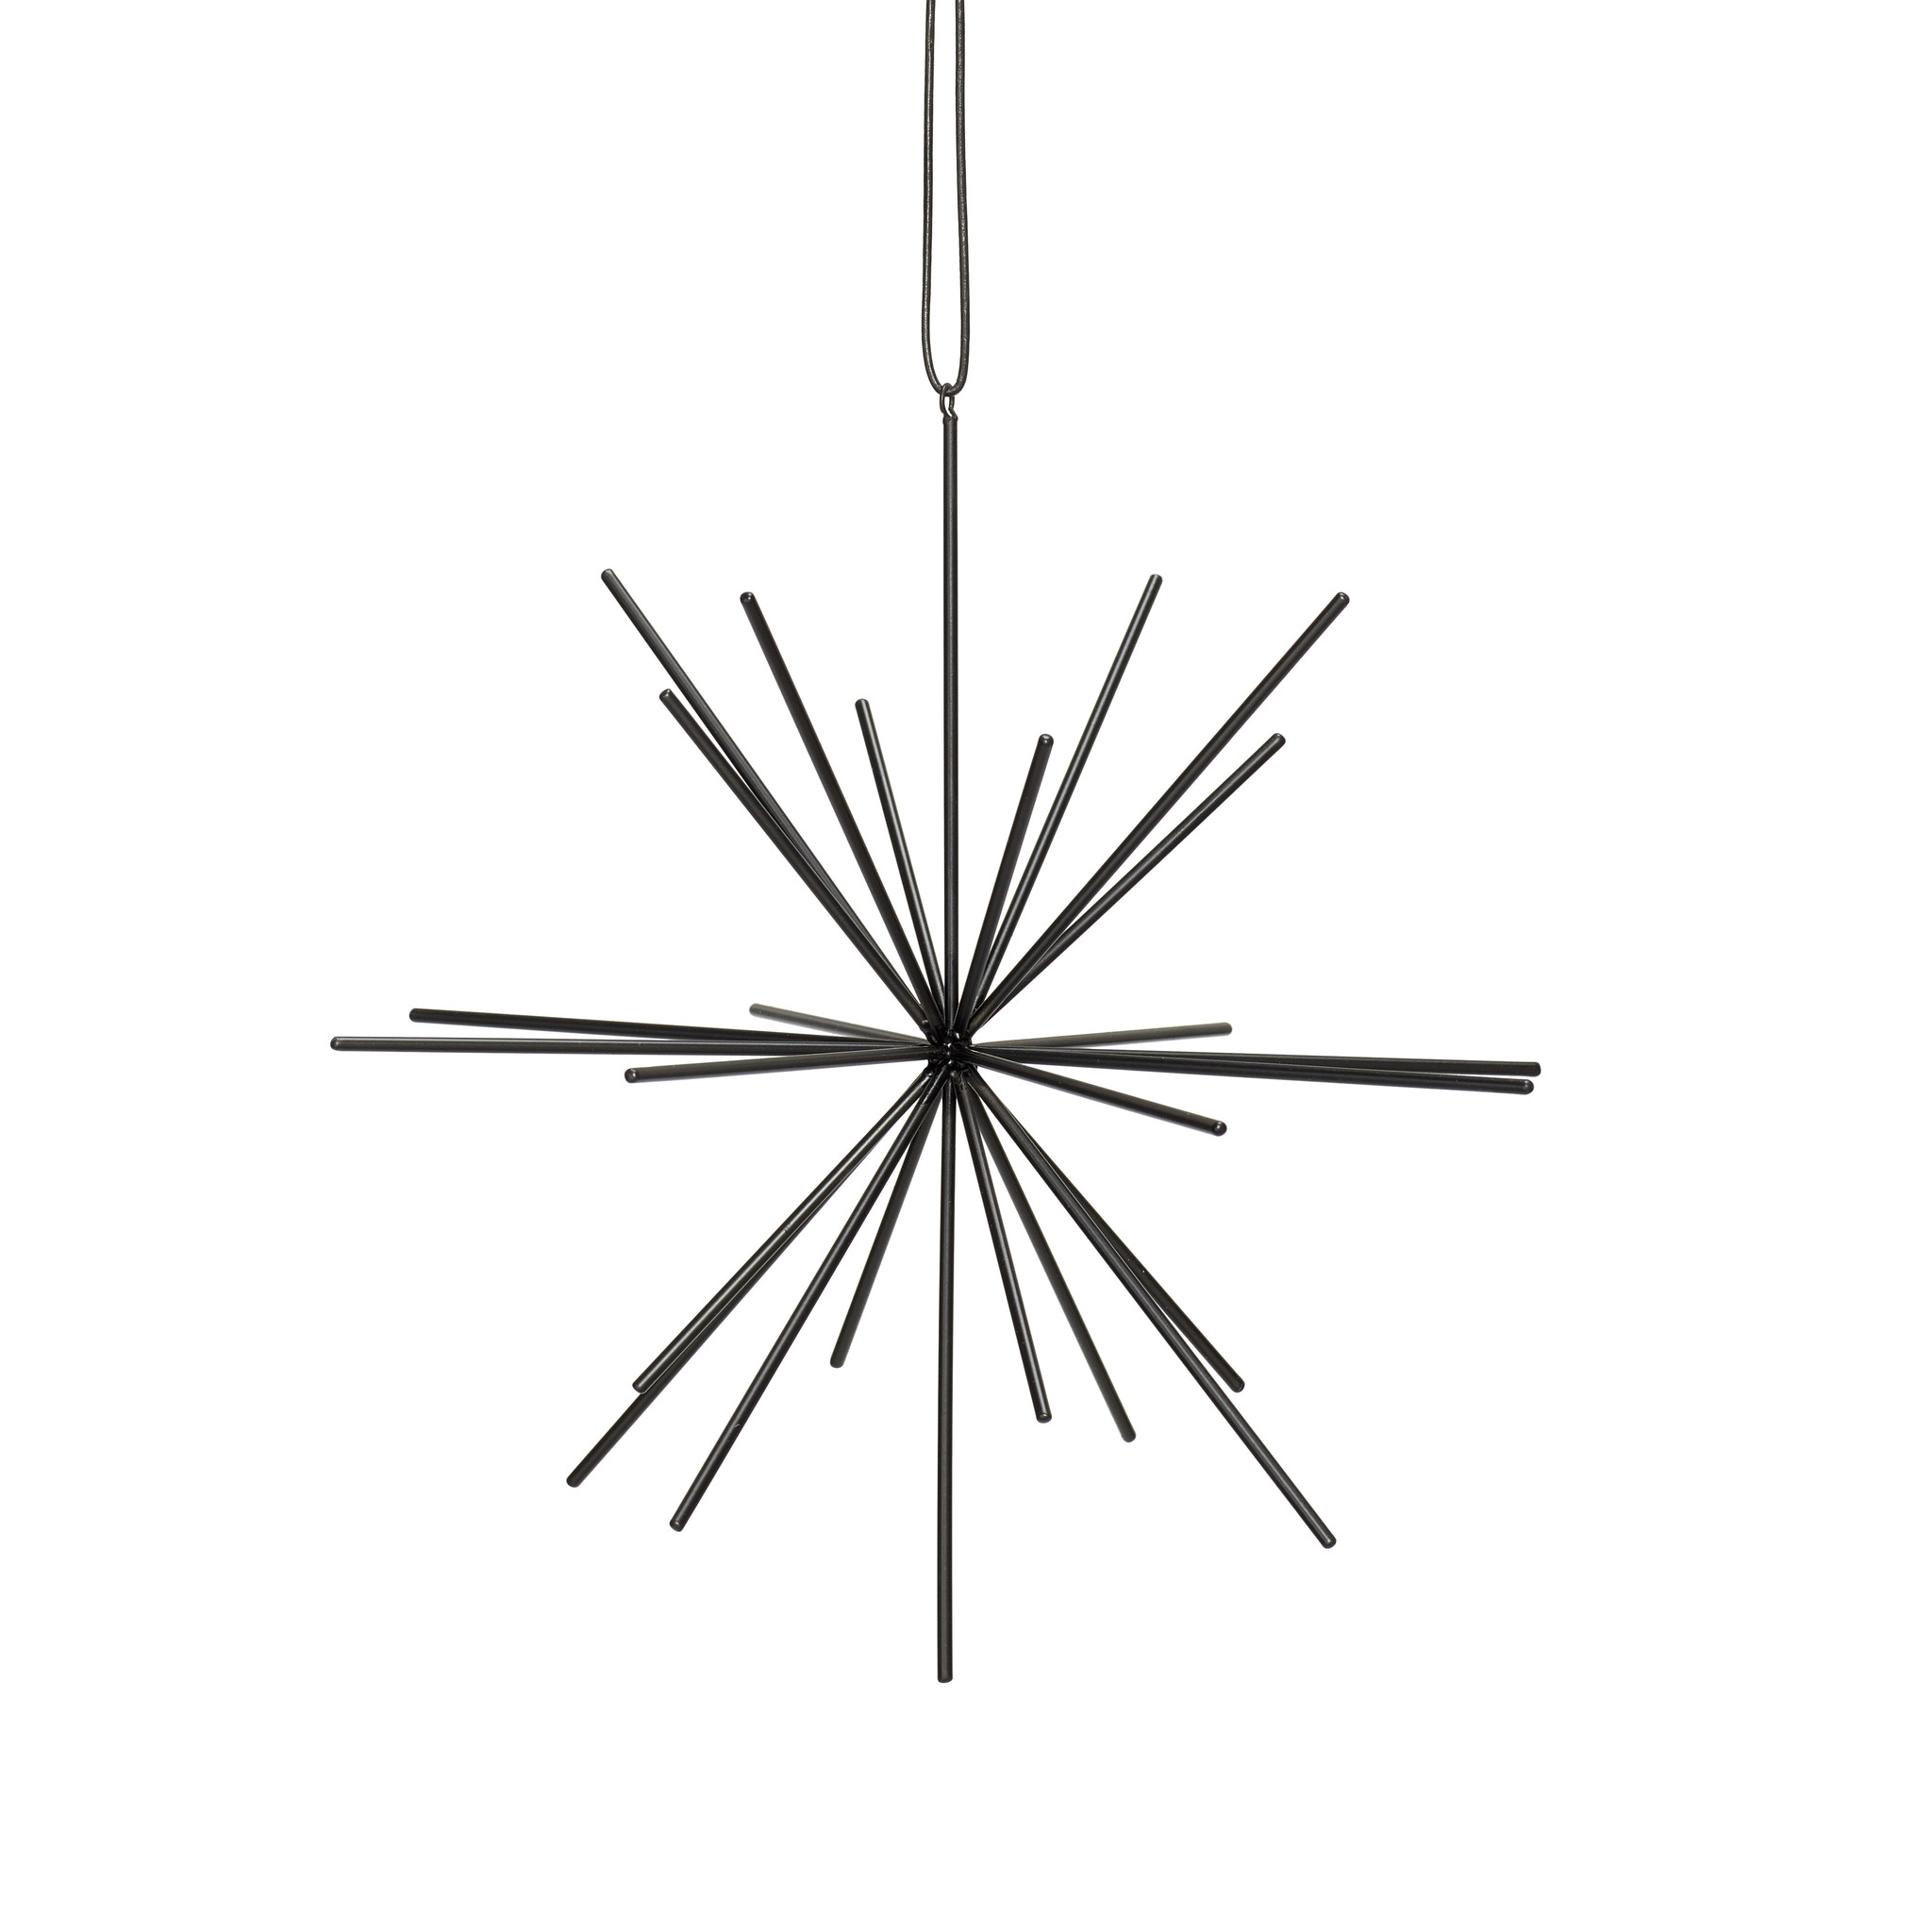 Hubsch Ster met lederen band, metaal, zwart, groot-940517-5712772062975